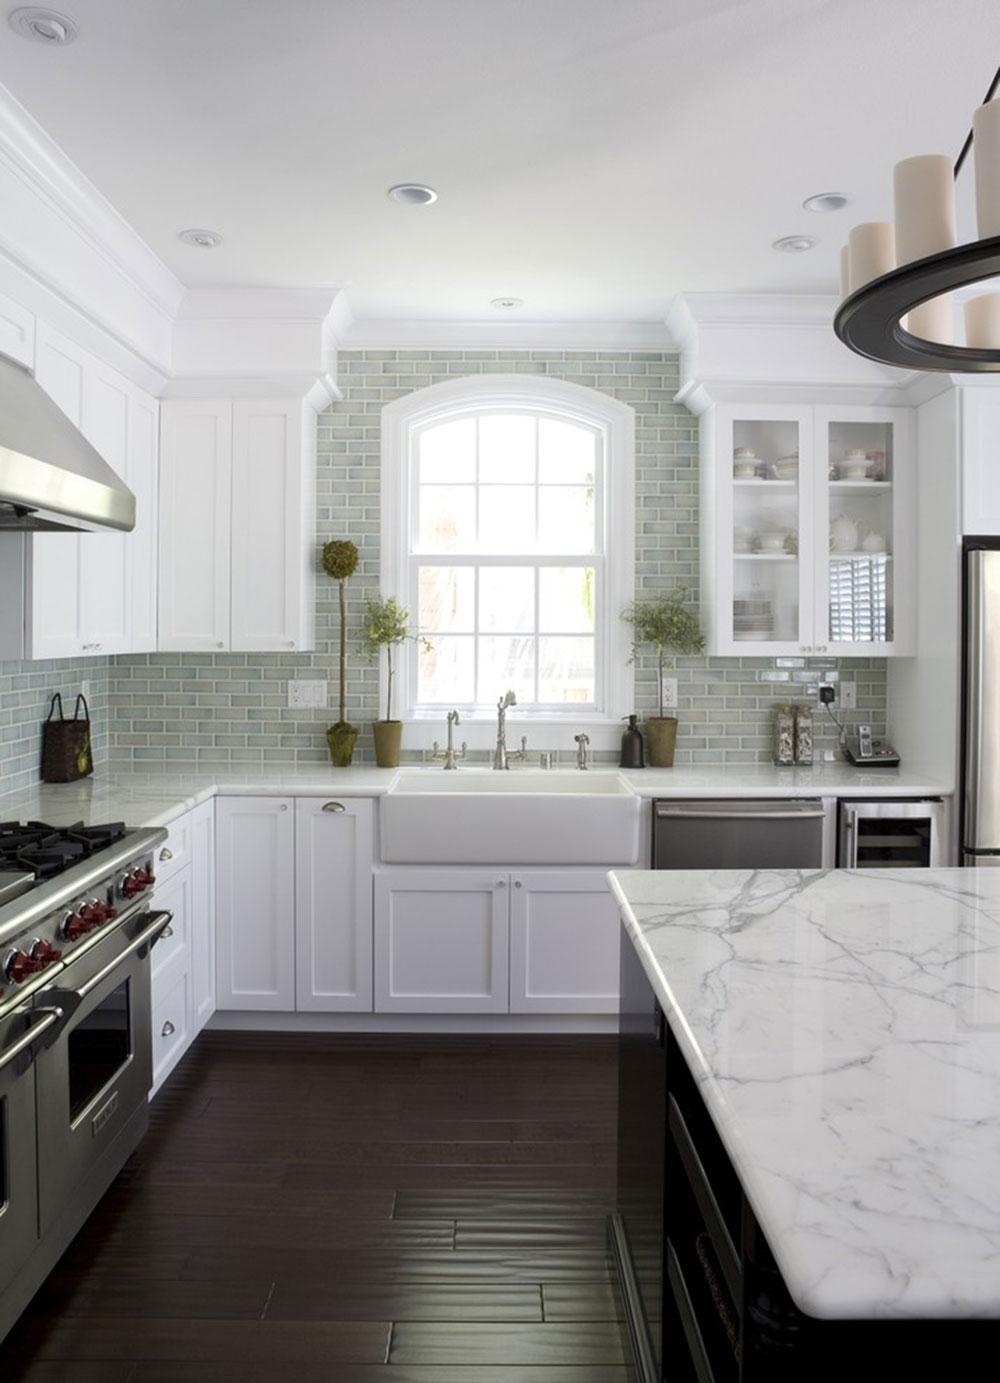 modern brick backsplash kitchen ideas modern kitchen backsplash ideas13 modern brick backsplash kitchen ideas